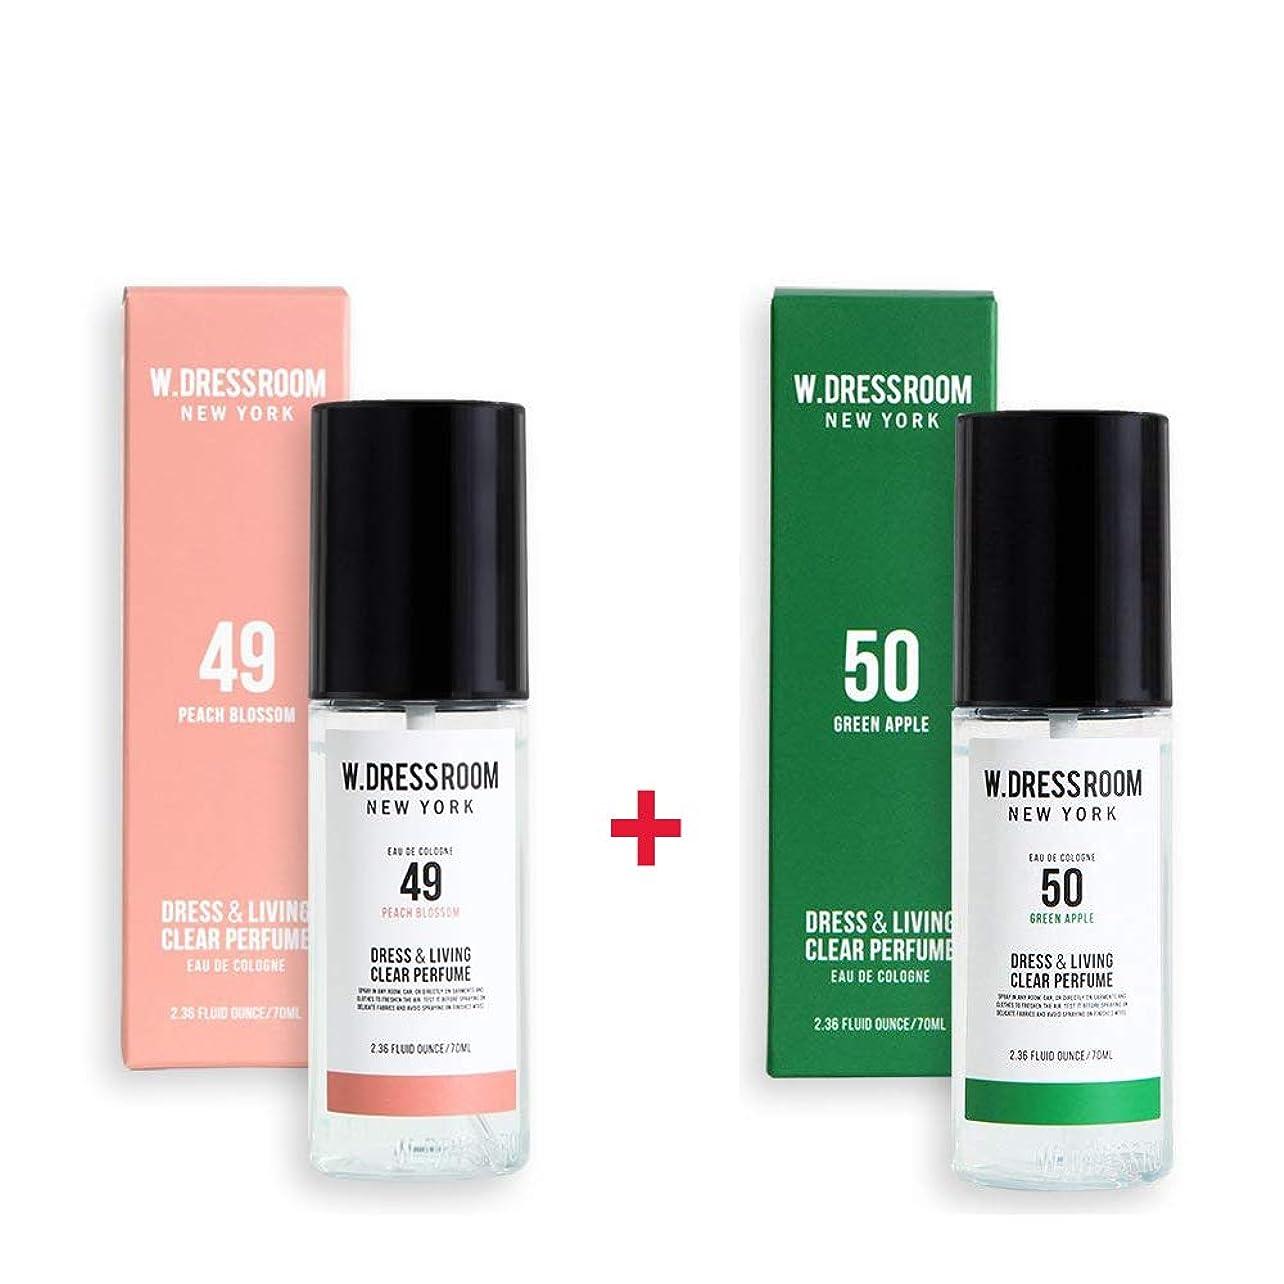 目を覚ます車とんでもないW.DRESSROOM Dress & Living Clear Perfume 70ml (No 49 Peach Blossom)+(No 50 Green Apple)